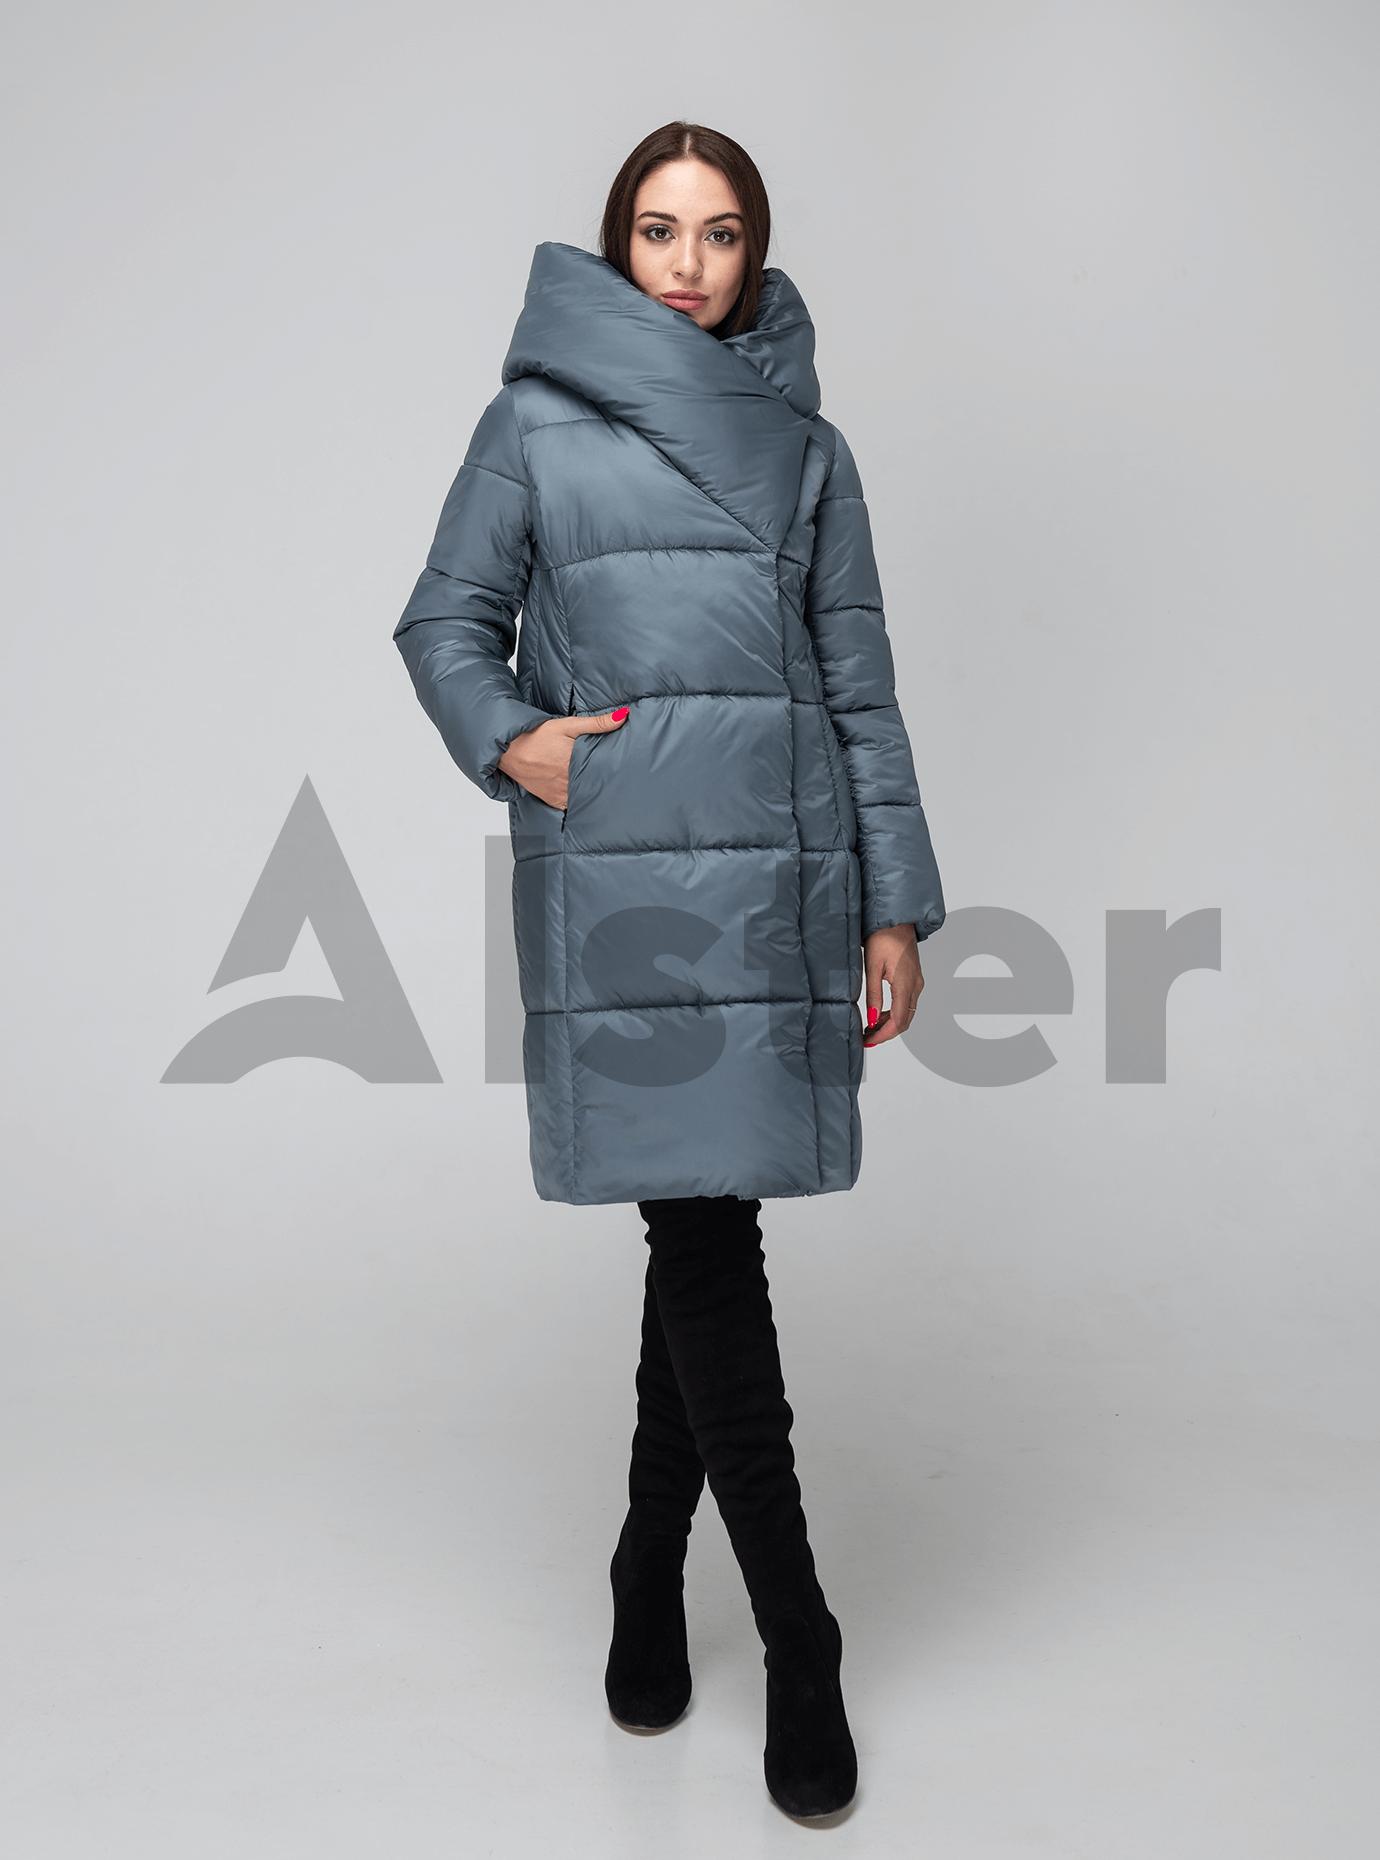 Куртка женская зимняя с капюшоном Маренго 42 (02-KT190379): фото - Alster.ua